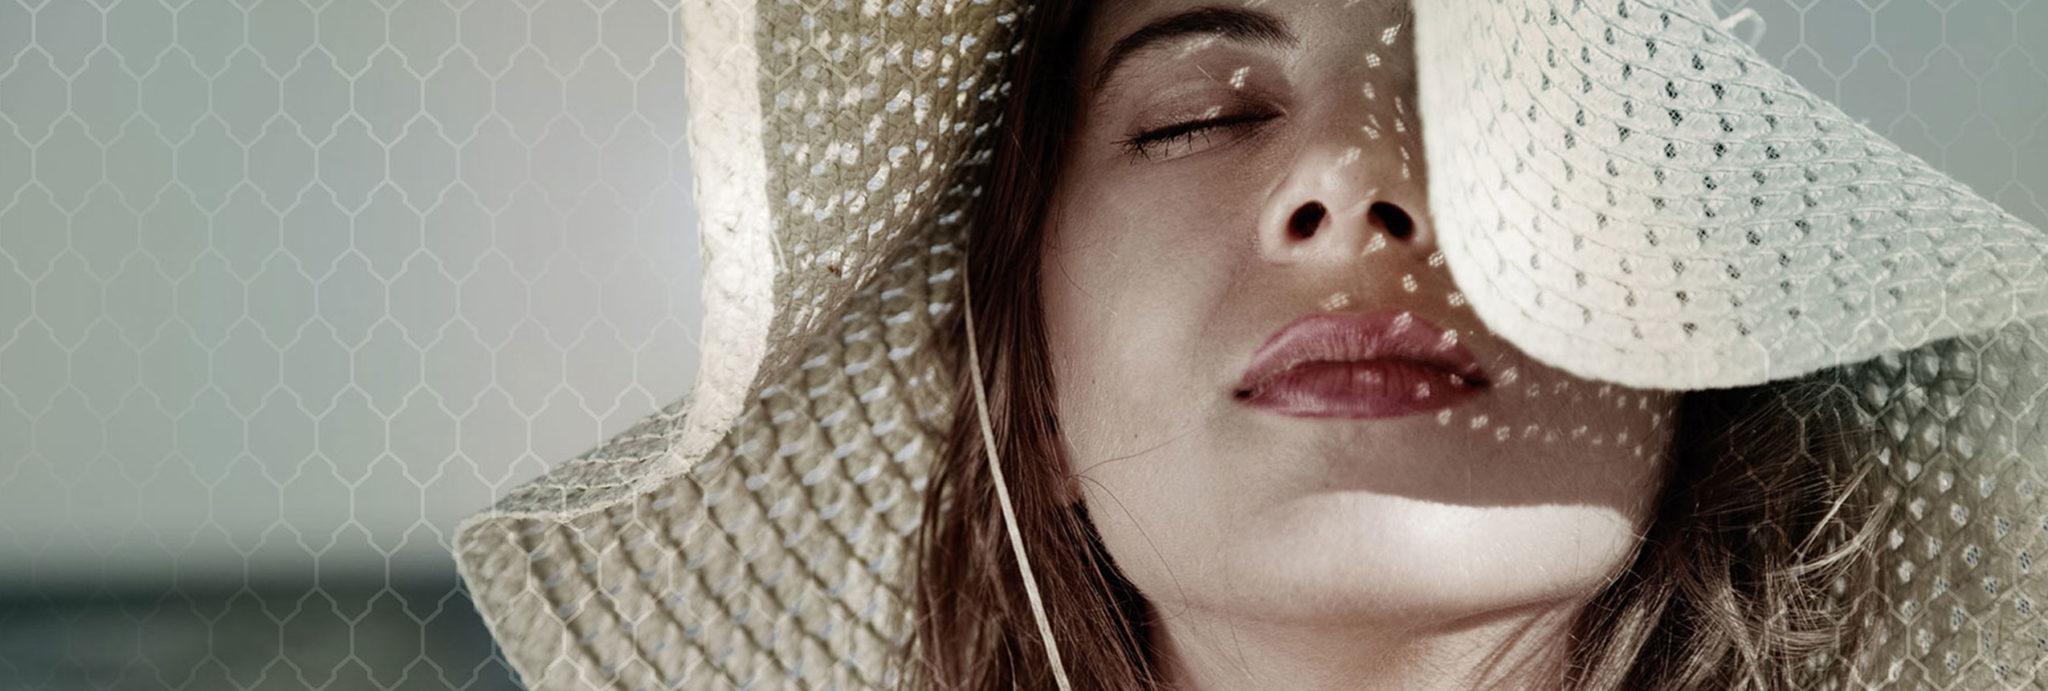 hautkrebsvorsorge hautarzt muenchen - Hautkrebsvorsorge